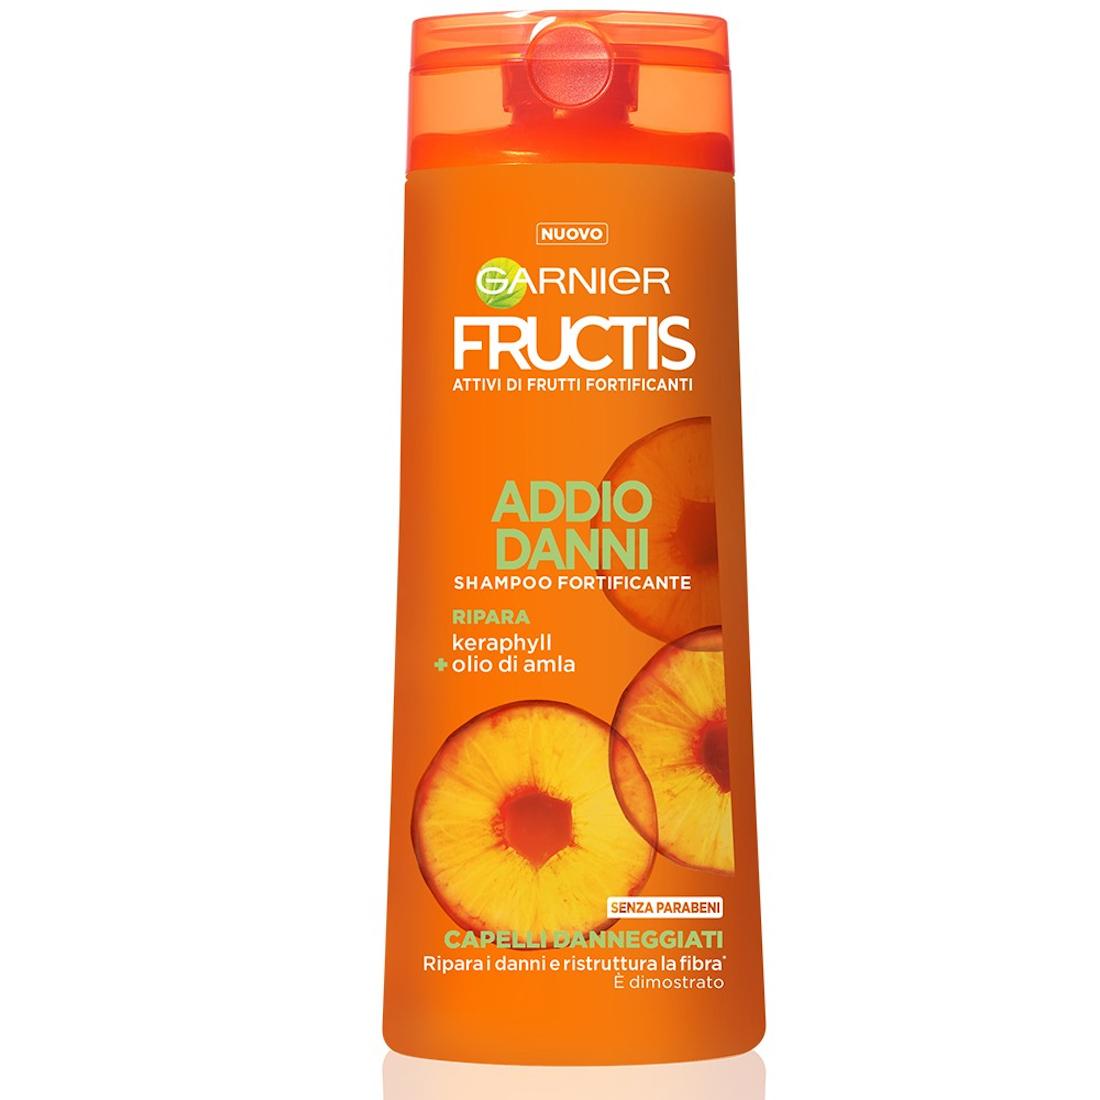 FRUCTIS Shampoo Fortificante Addio Danni 250ml